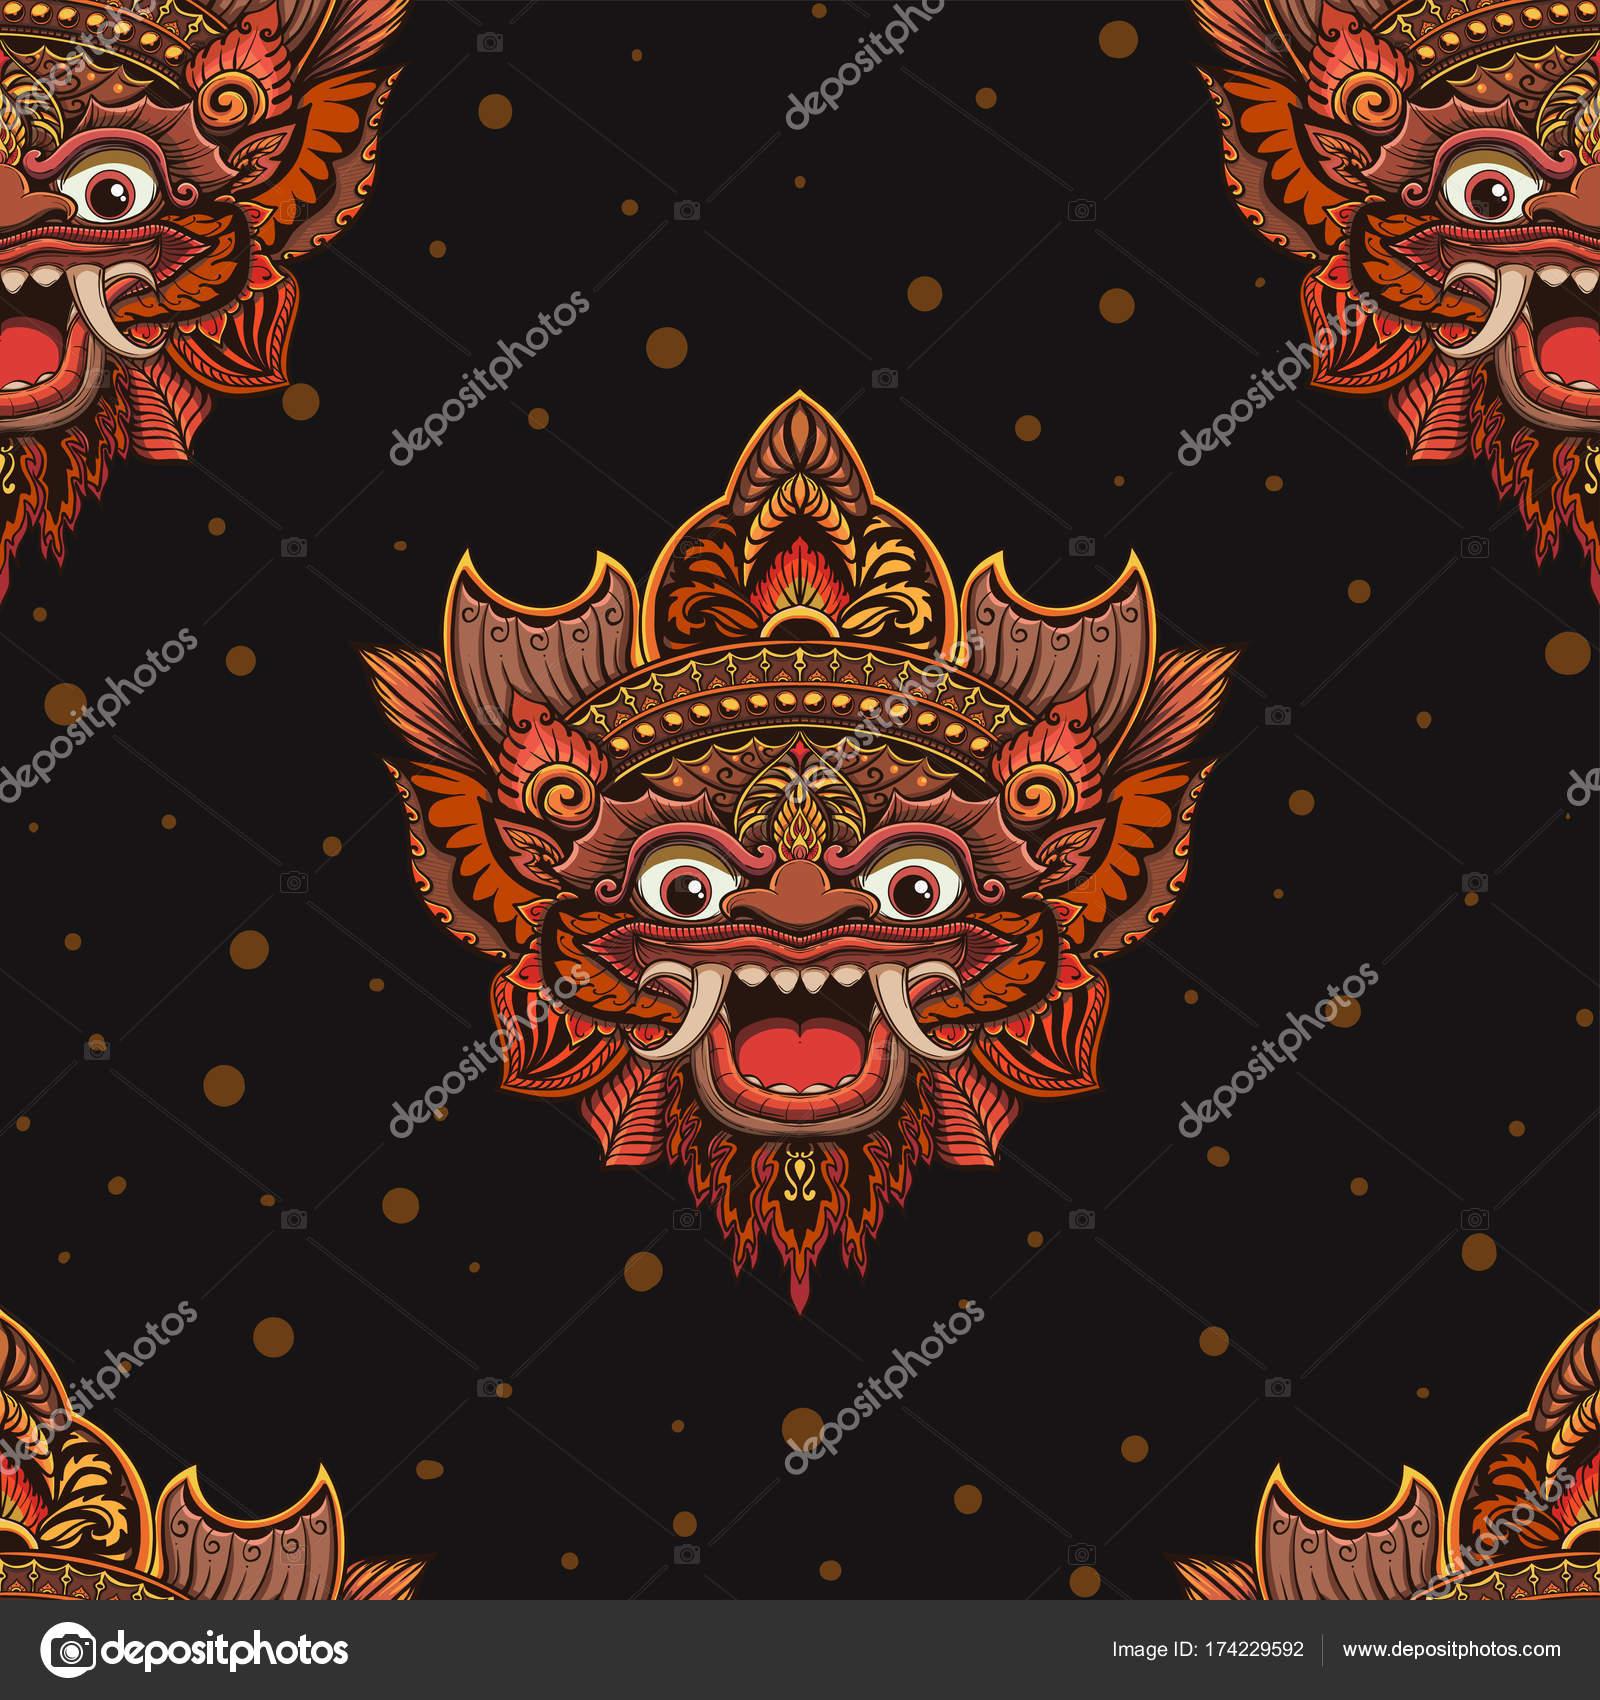 barong bali wallpaper baground barong 500608 hd wallpaper backgrounds download barong bali wallpaper baground barong